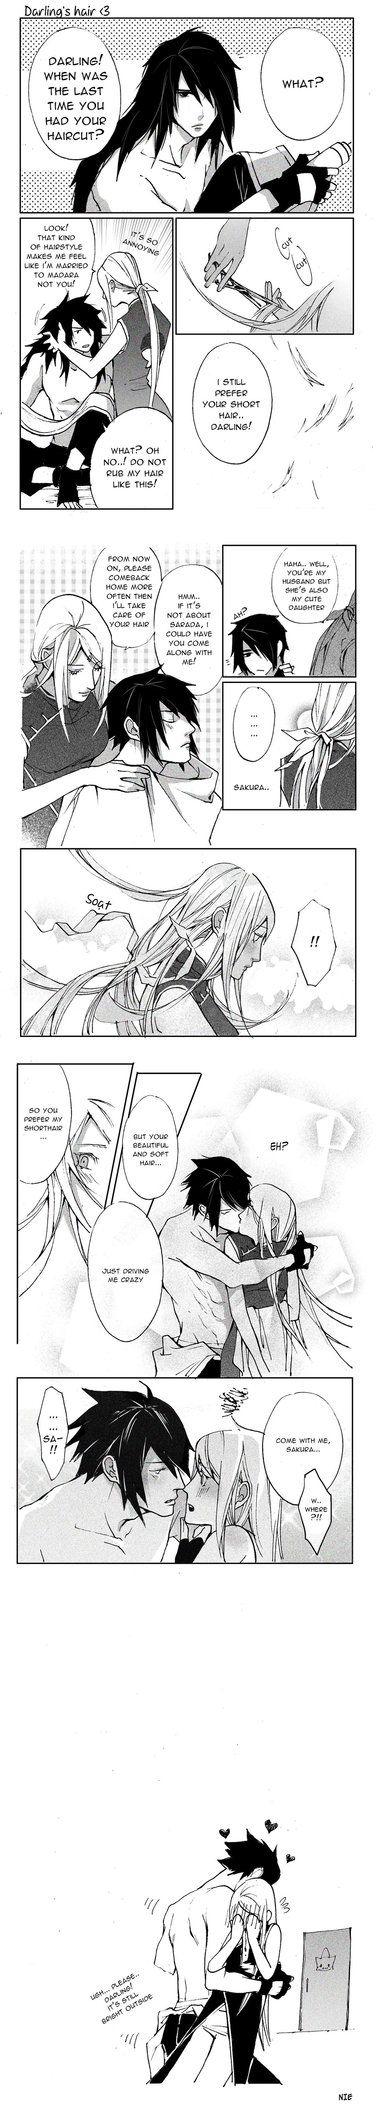 Naruhina: An Uzumaki Christmas Pg3 Source: ゆっぺ (1) Translation: (x) Naruto © Masashi Kishimoto